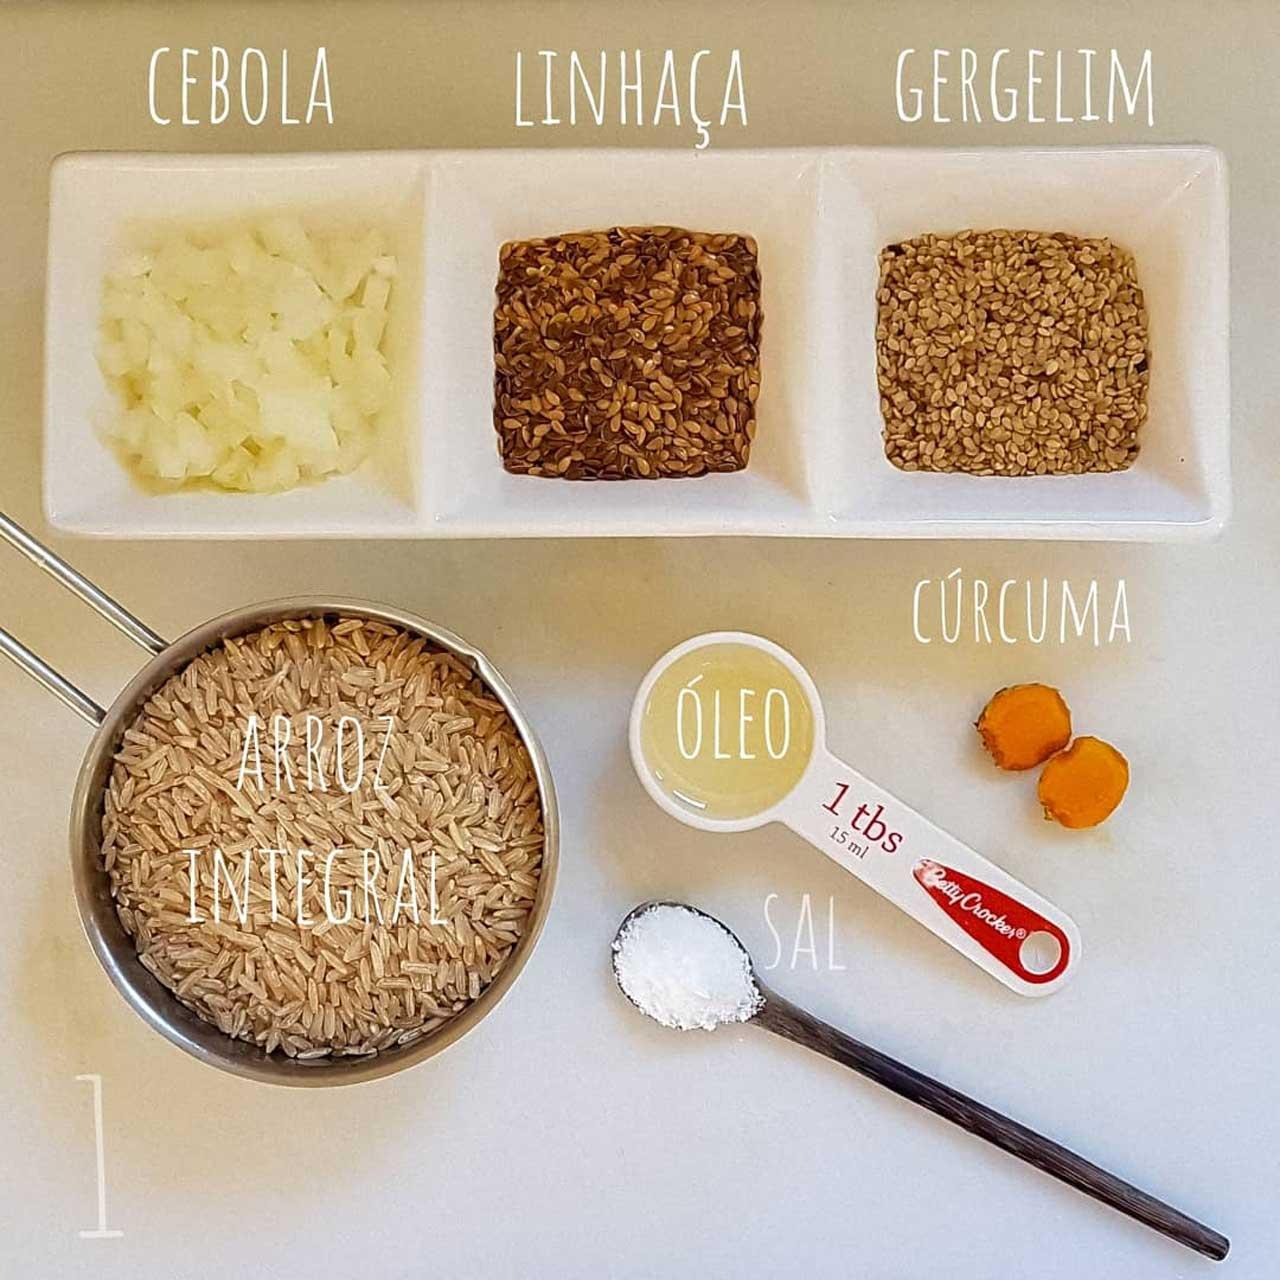 arroz-integral-com-linhaca-e-gergelim-01